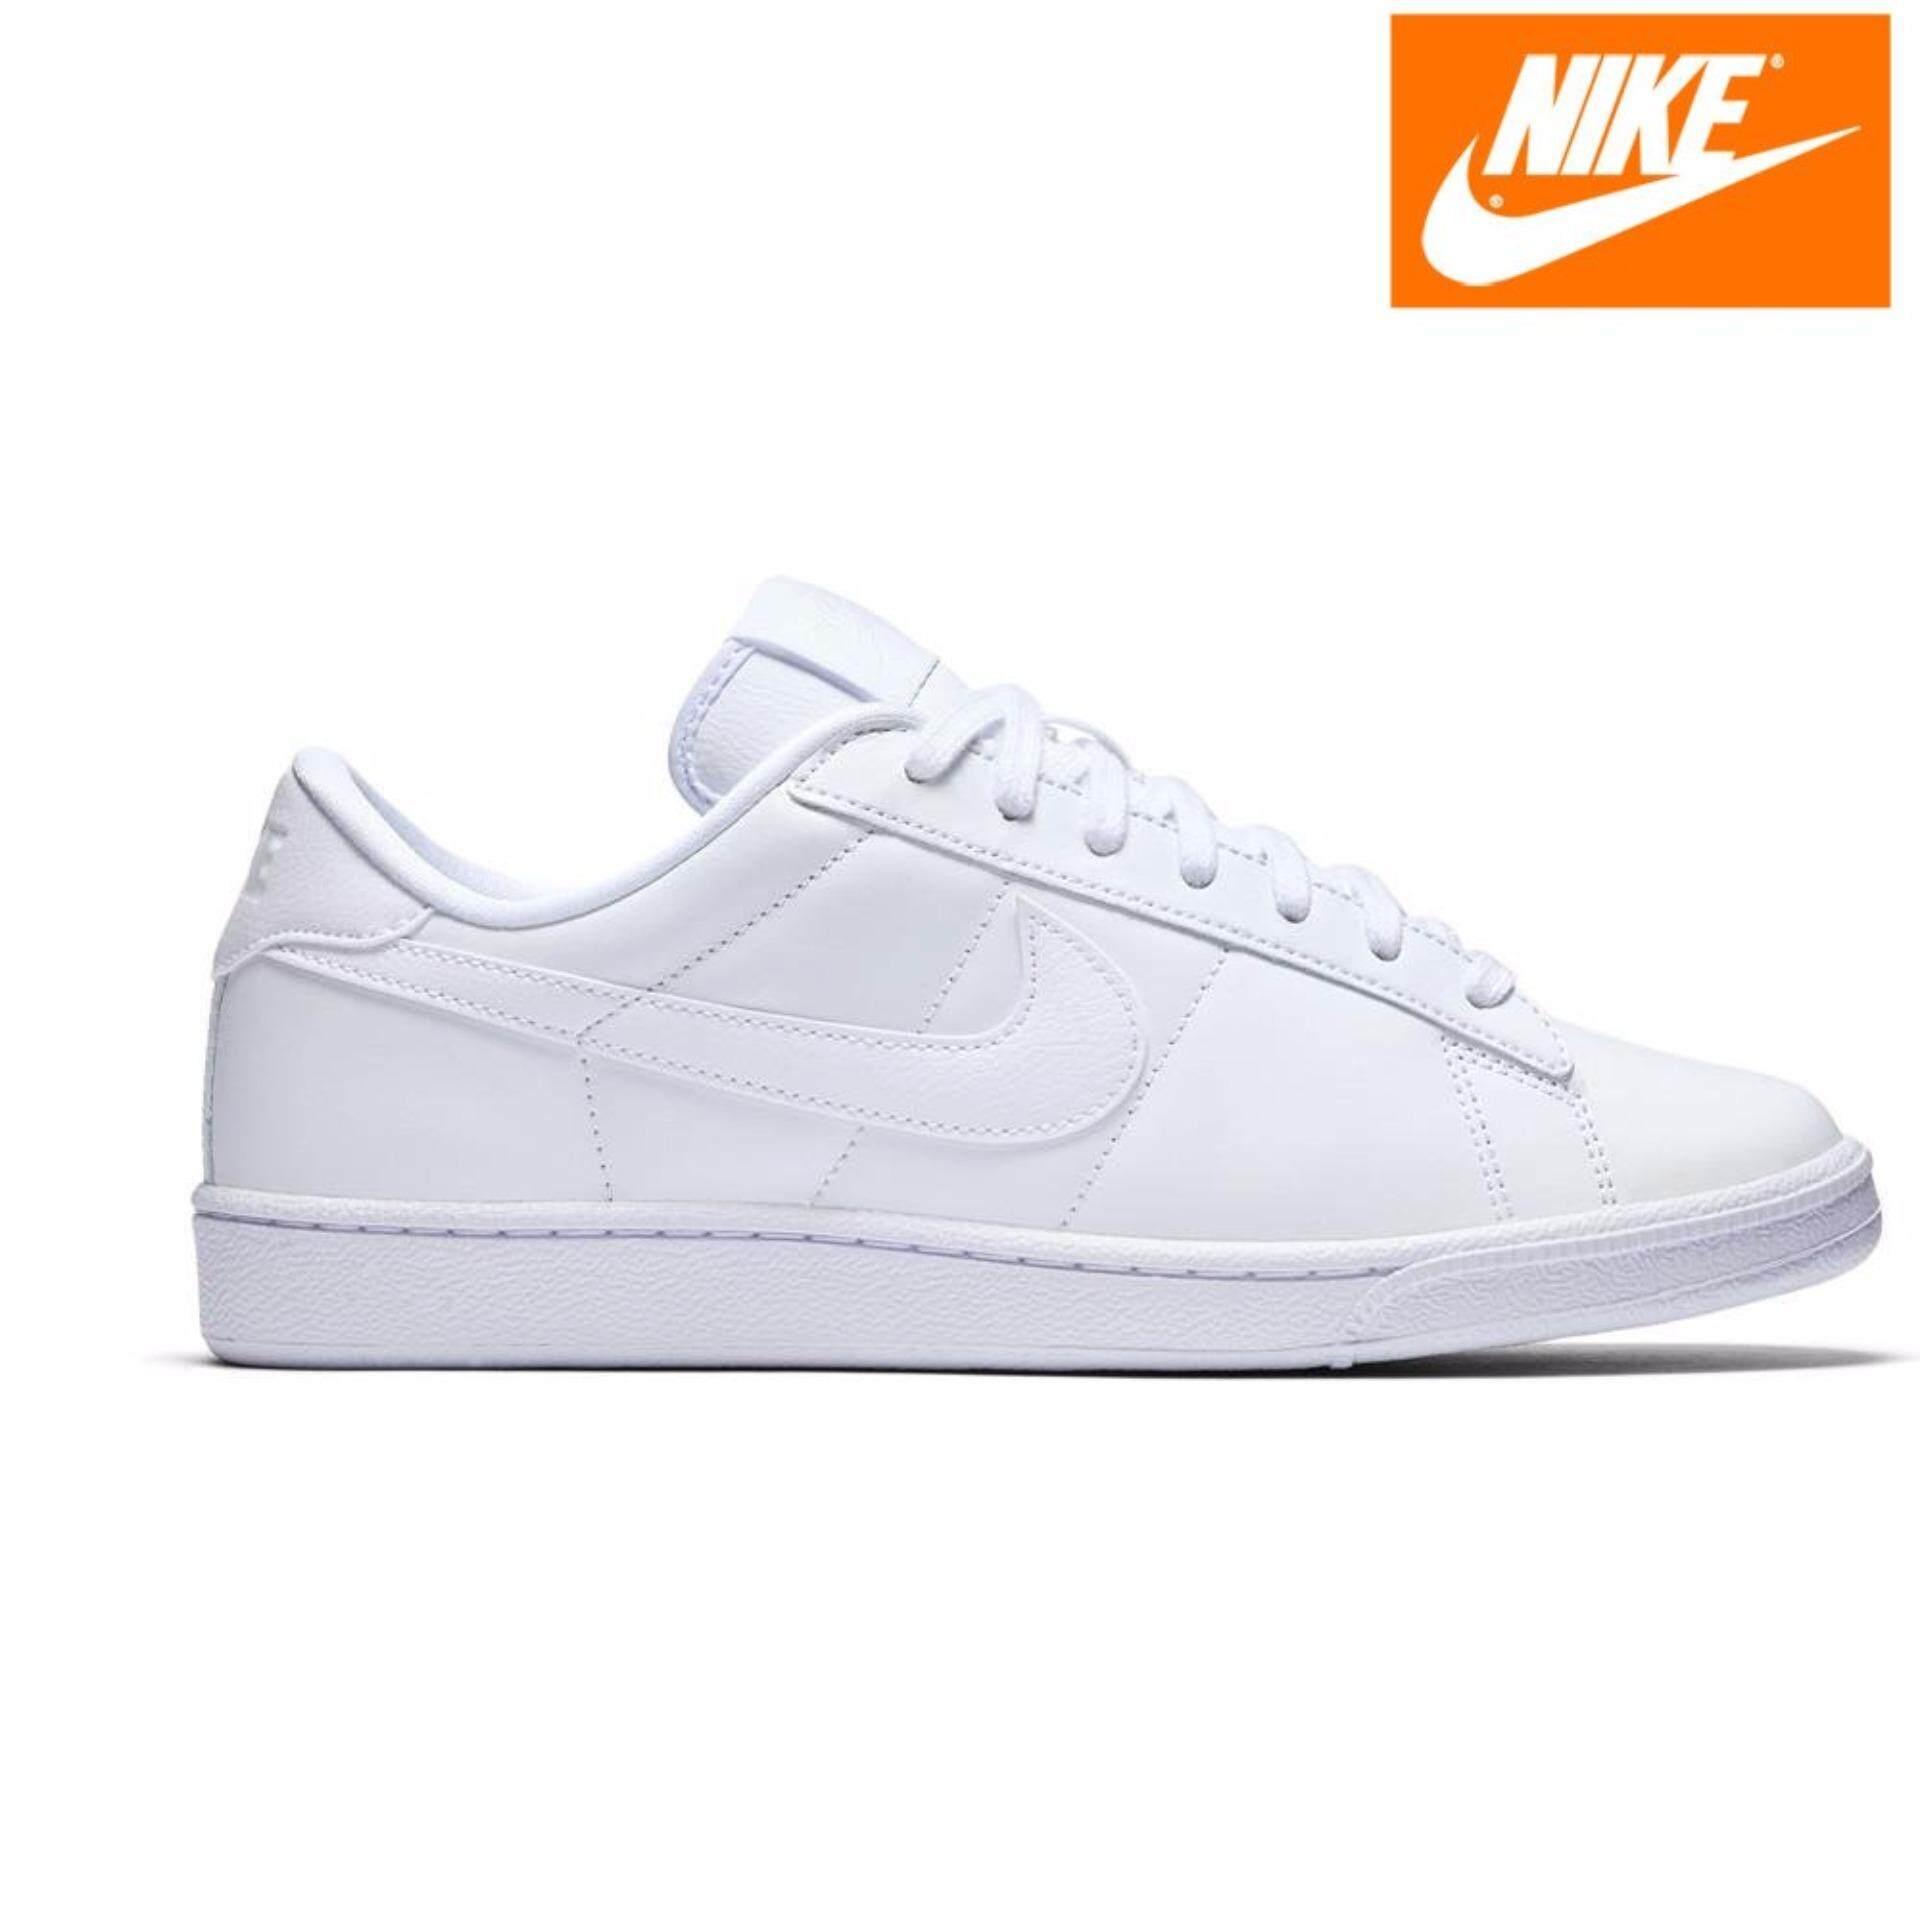 Sepatu Tenis Wanita Adidas Adh9083 Jam Tangan Unisex Putih Nike Wmns Klasik 312498 129 100 Asli Internasional